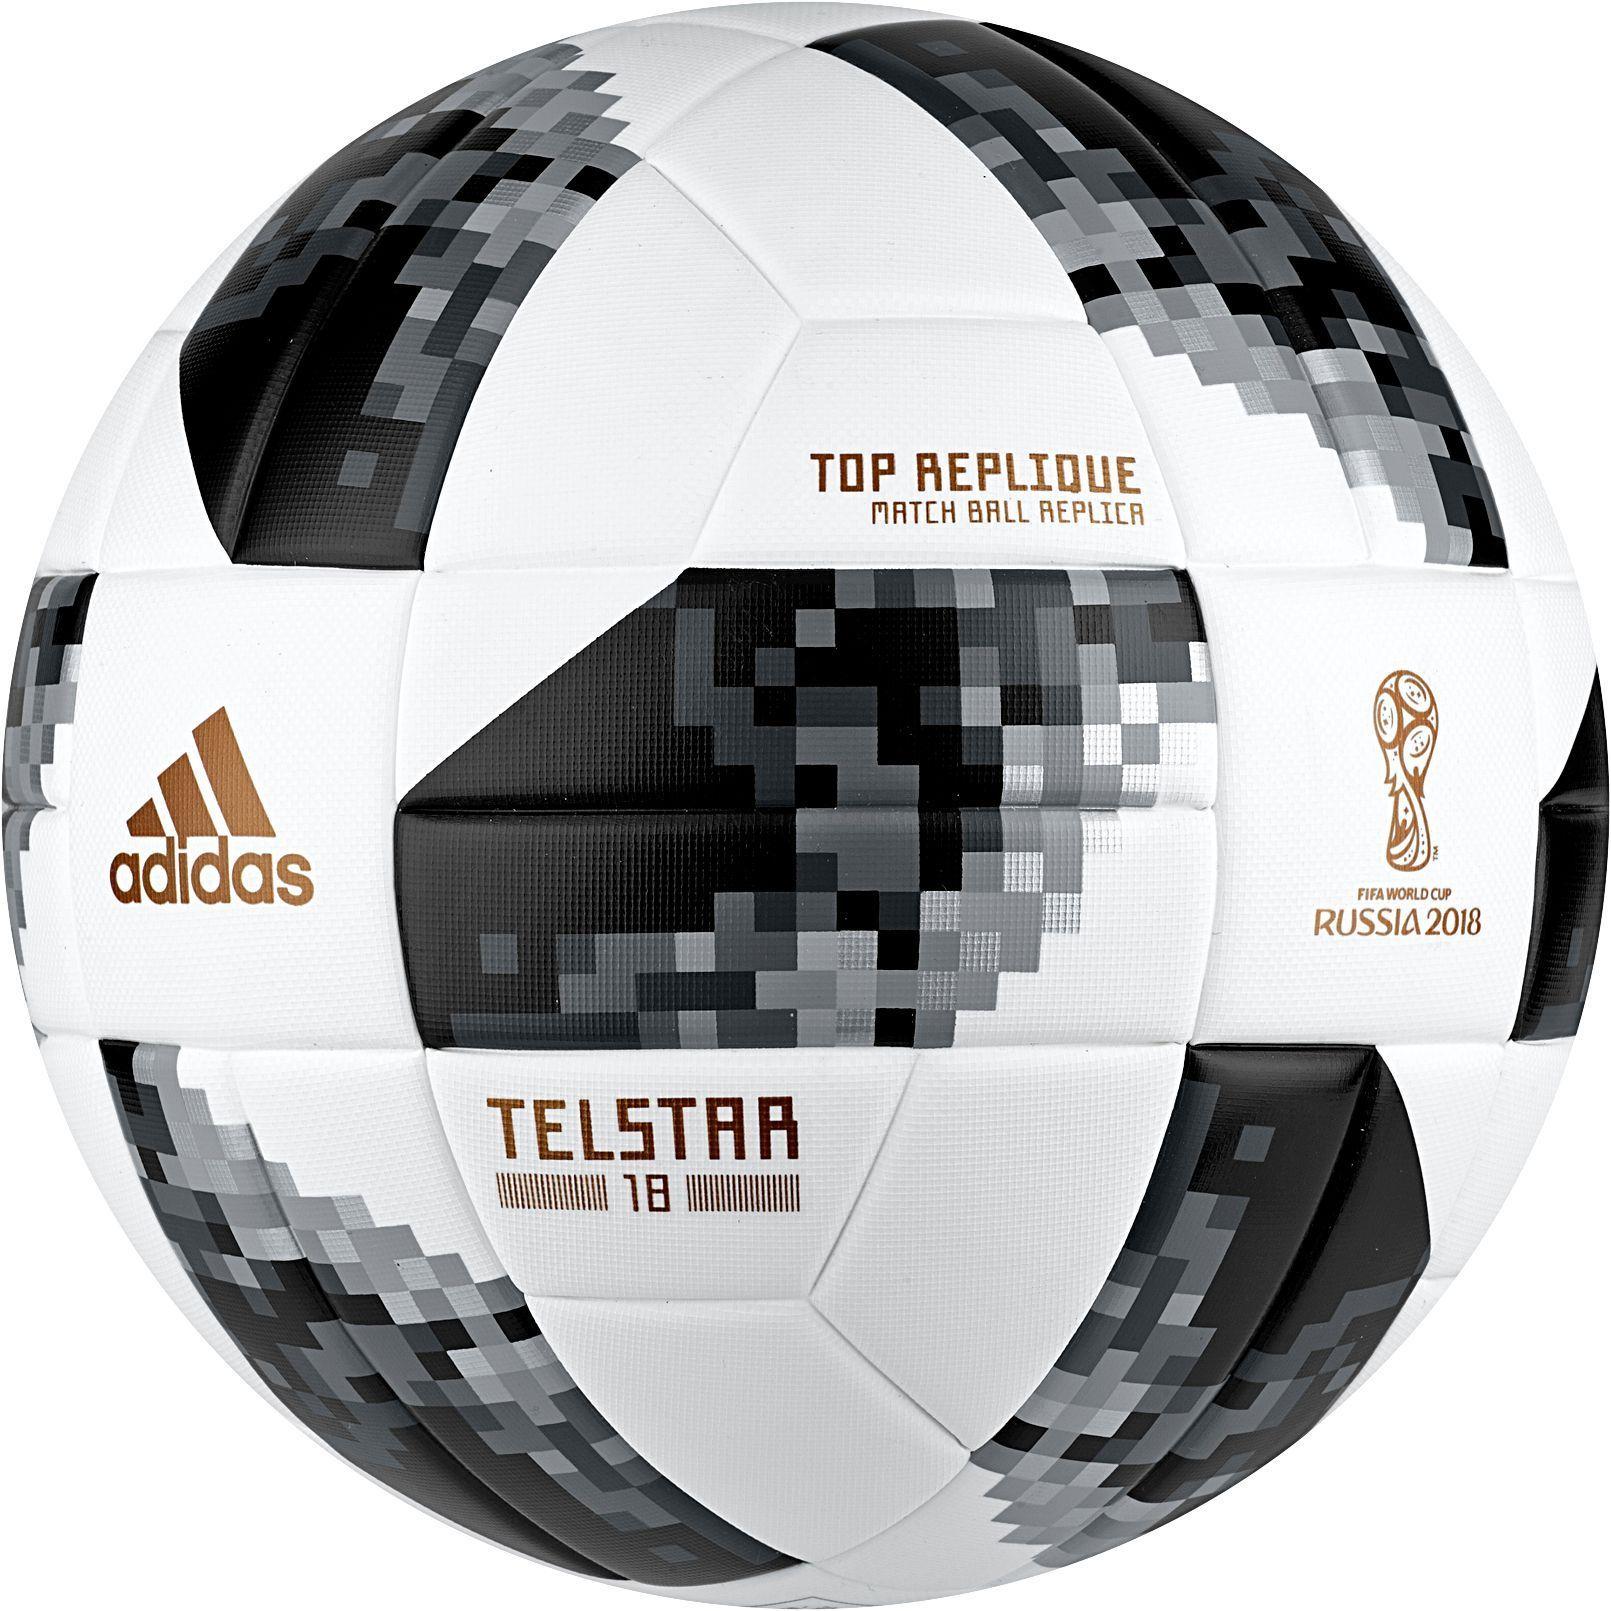 Adidas telstar top replique ball fifa world cup 2018 ball size 5 ... fd8a708296a2a